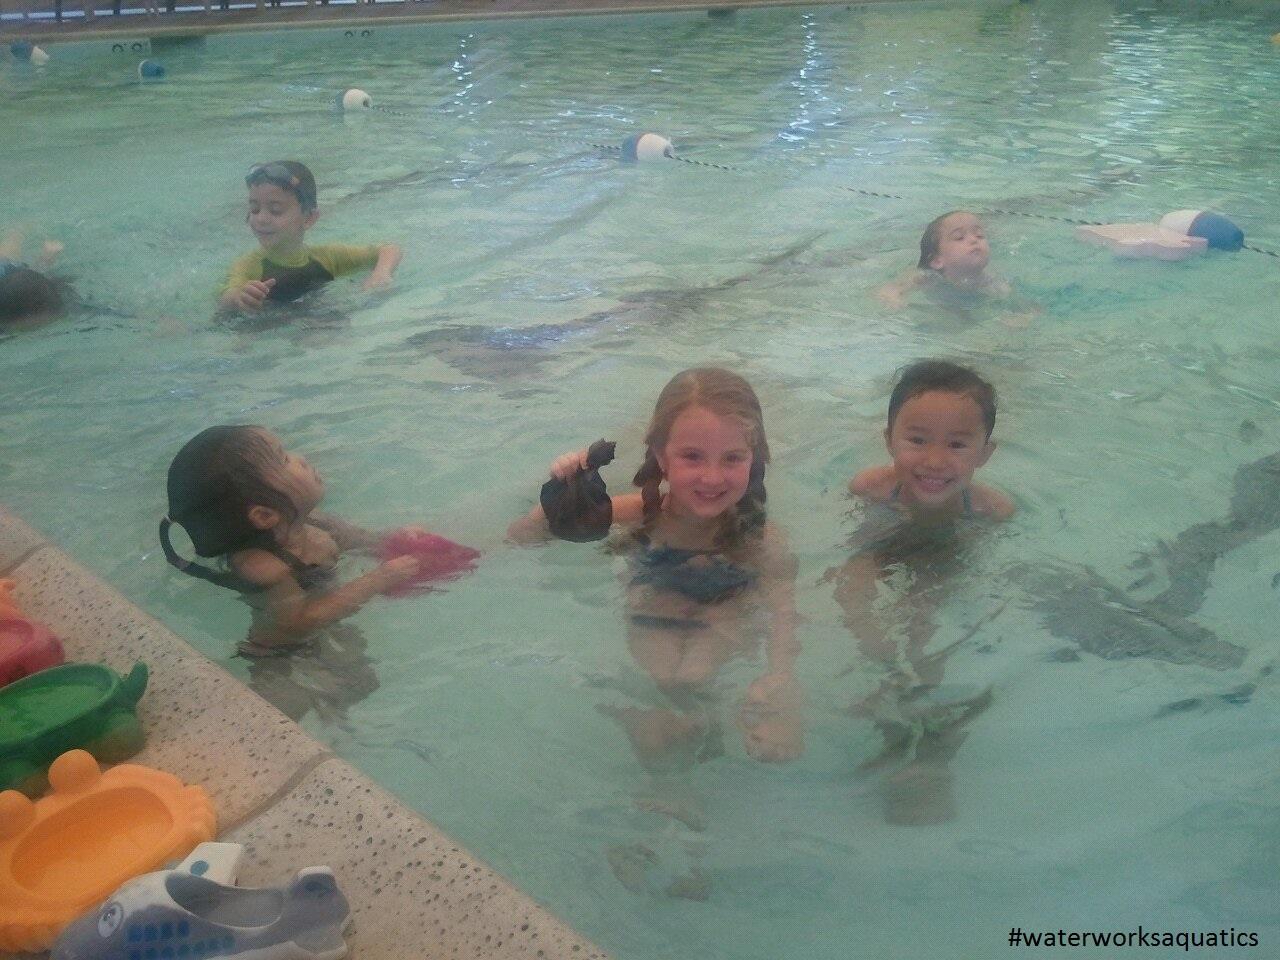 Aquatics Waterworks Aquatics